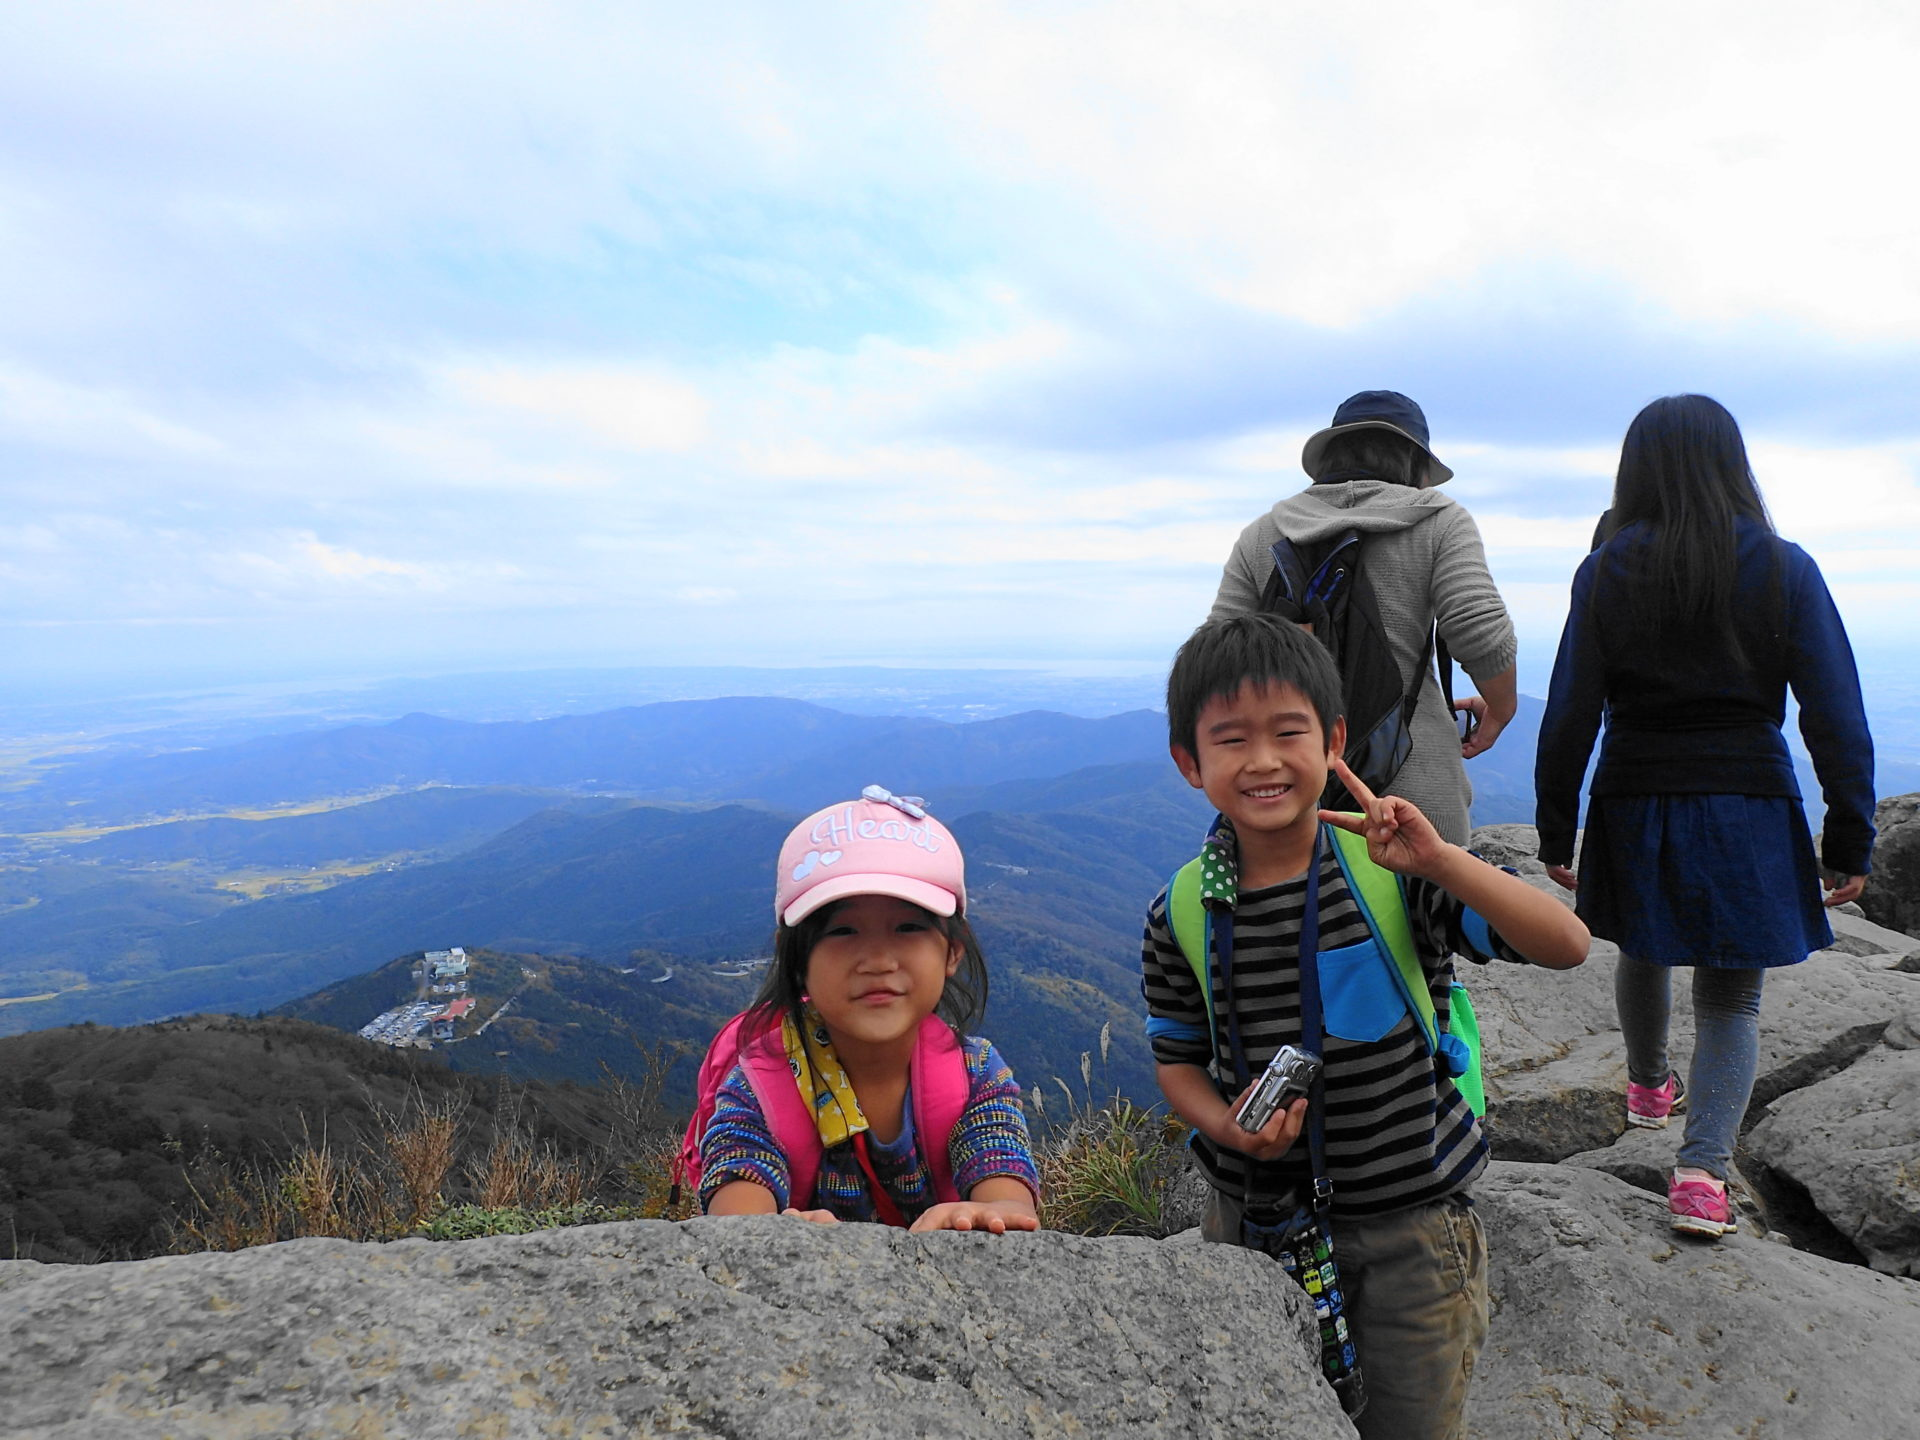 筑波山は子供でも登れる? 6,7歳児と一緒に登頂に成功!! - いばらじお♪